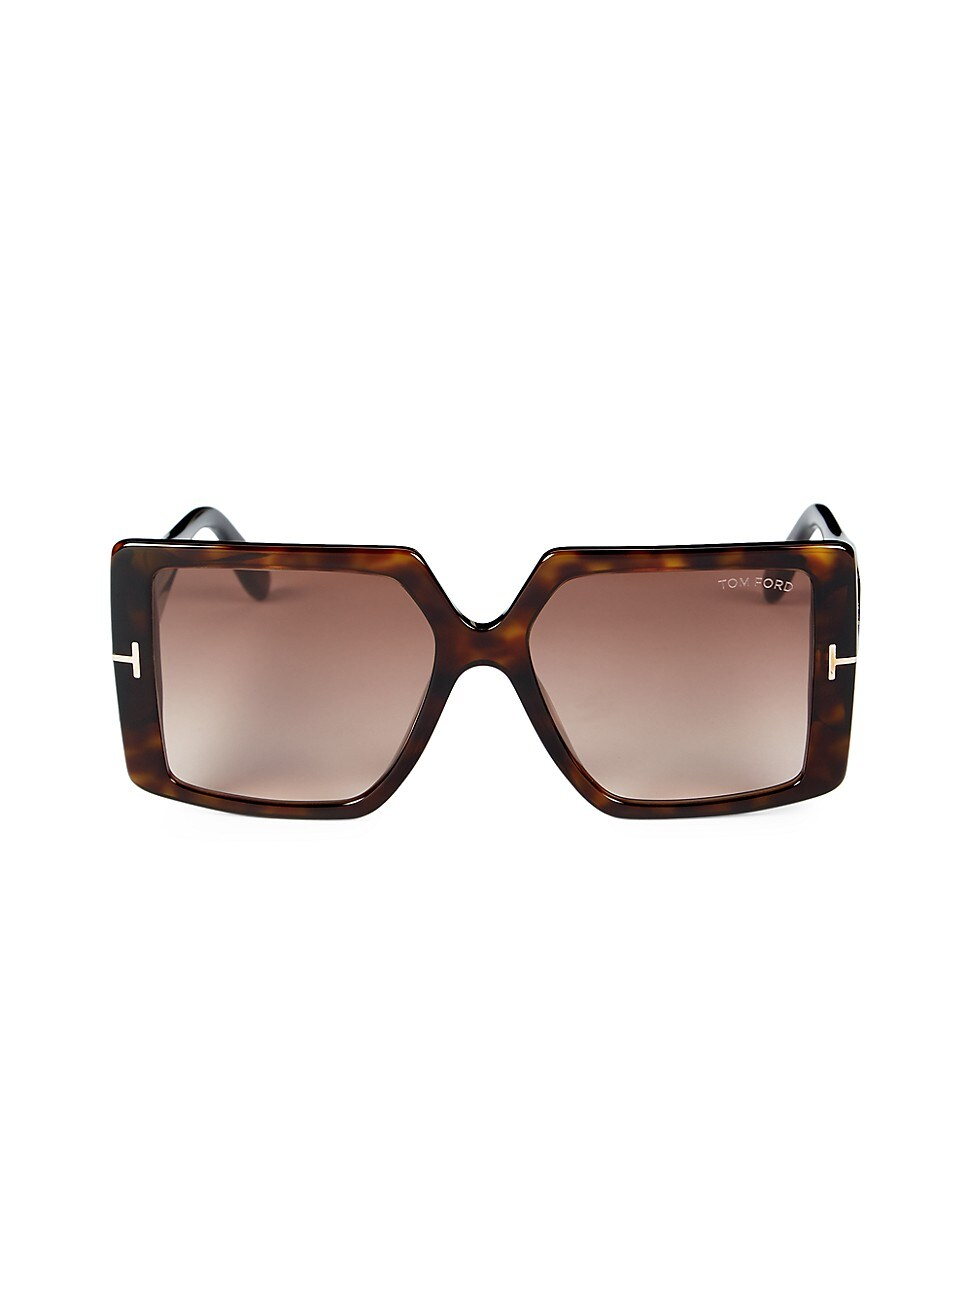 Tom Ford Women's Quinn 57MM Square Sunglasses - Havana